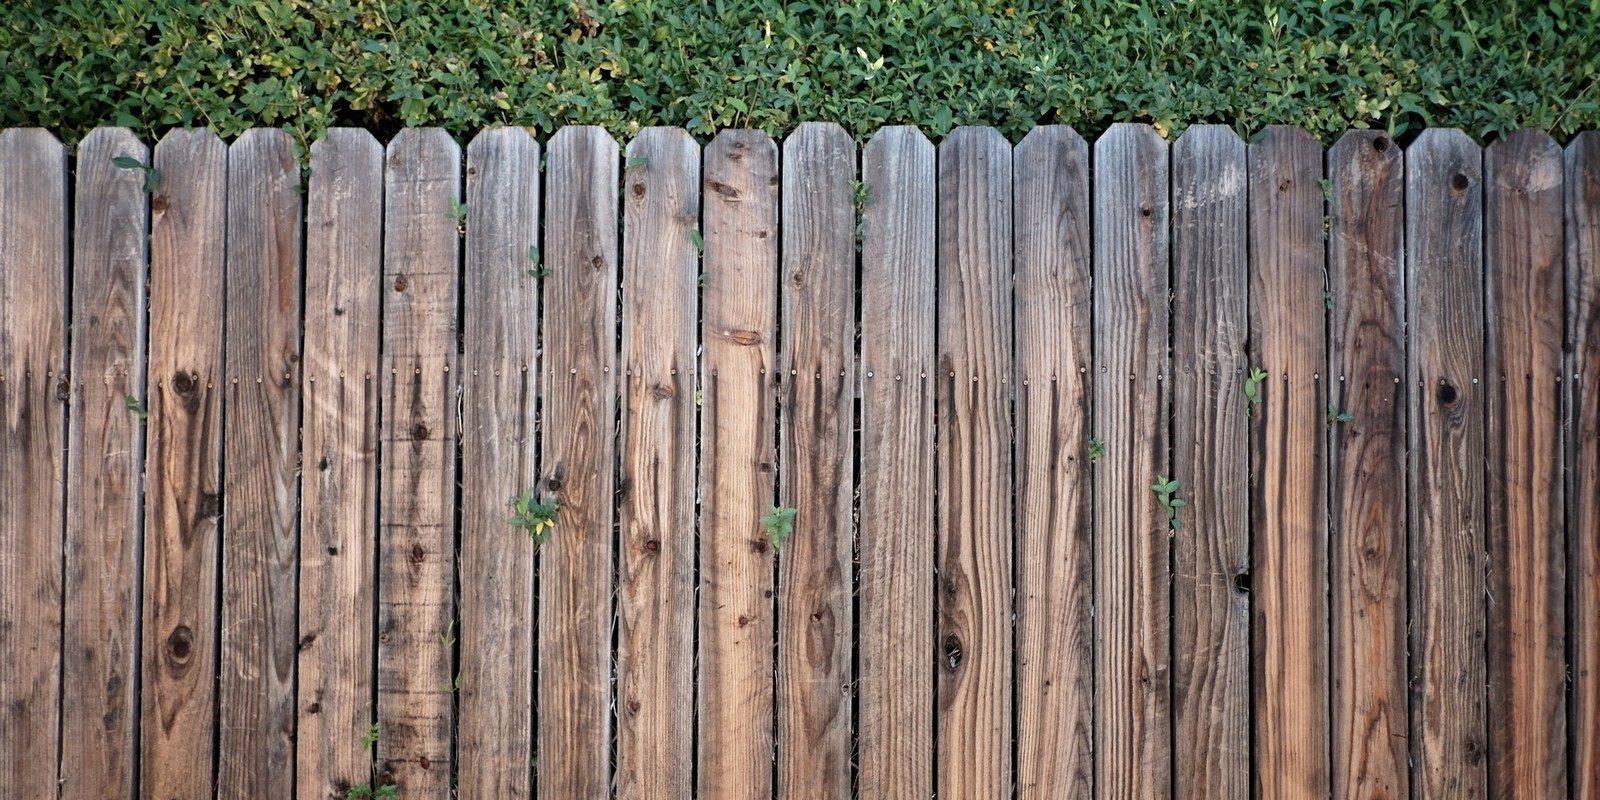 Votre terrasse : Combien de nettoyage par an ?